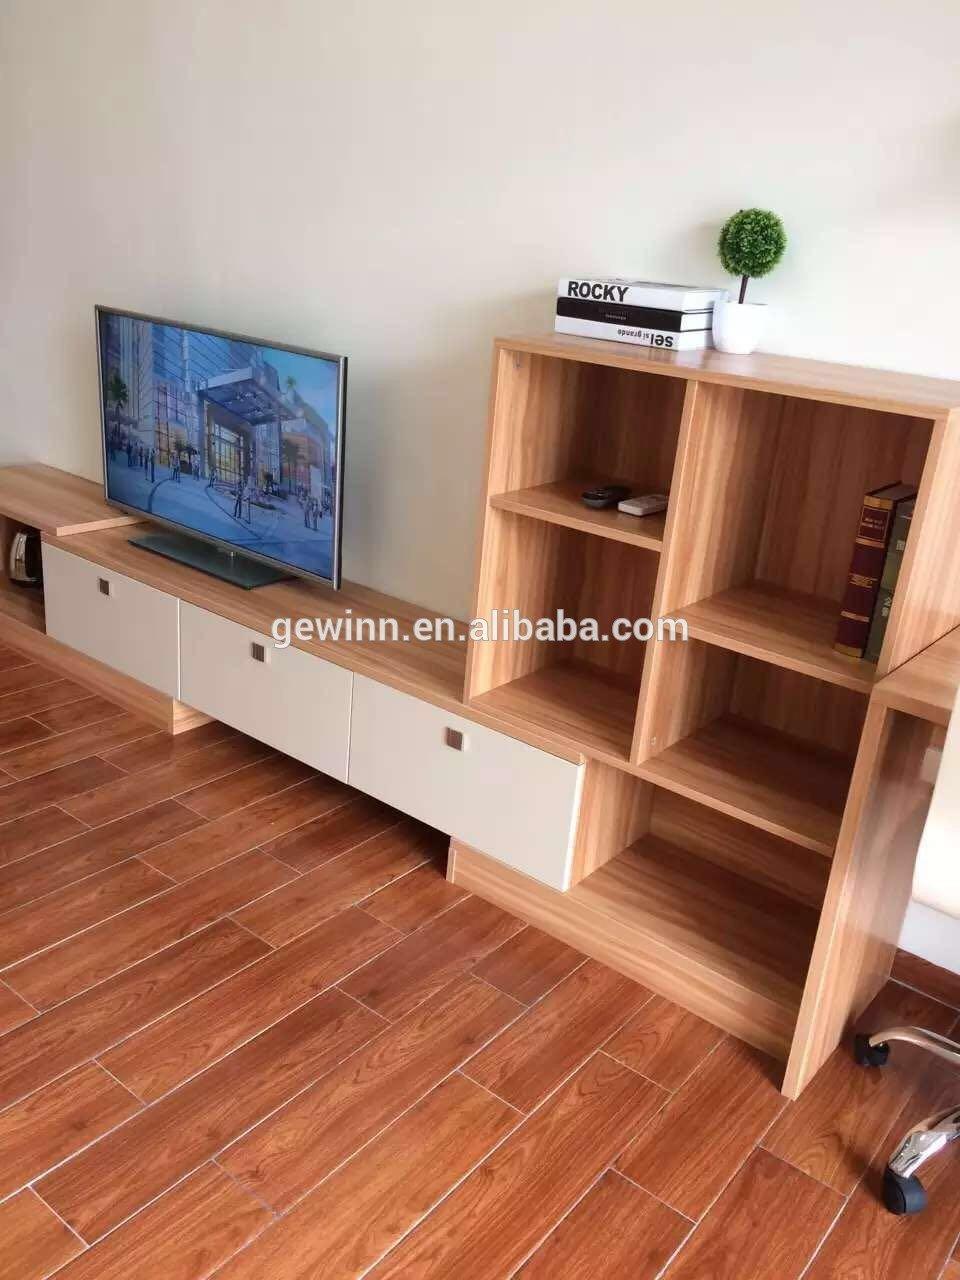 woodworking cnc machine lumber Bulk Buy linear Gewinn